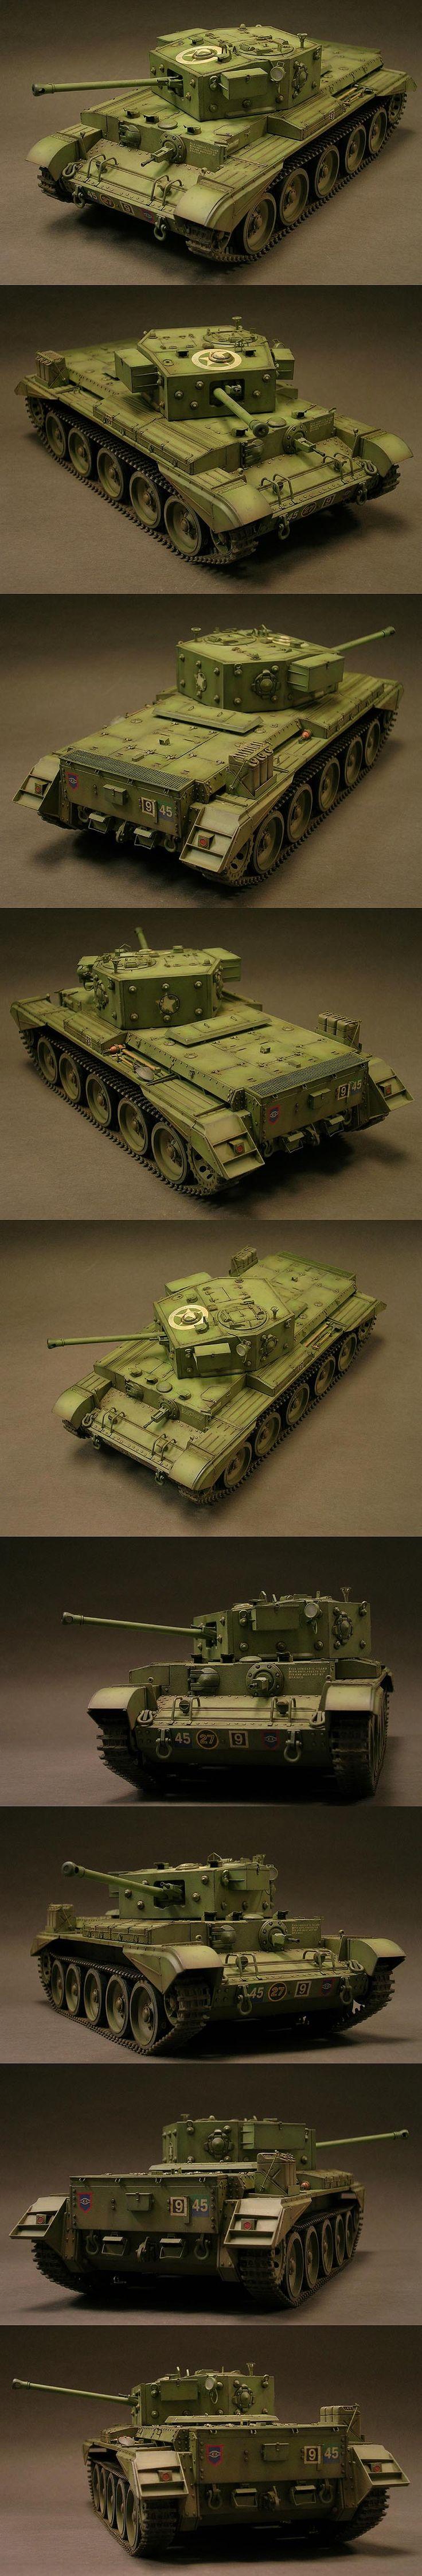 Cromwell Mk. IV 1/35 Scale Model